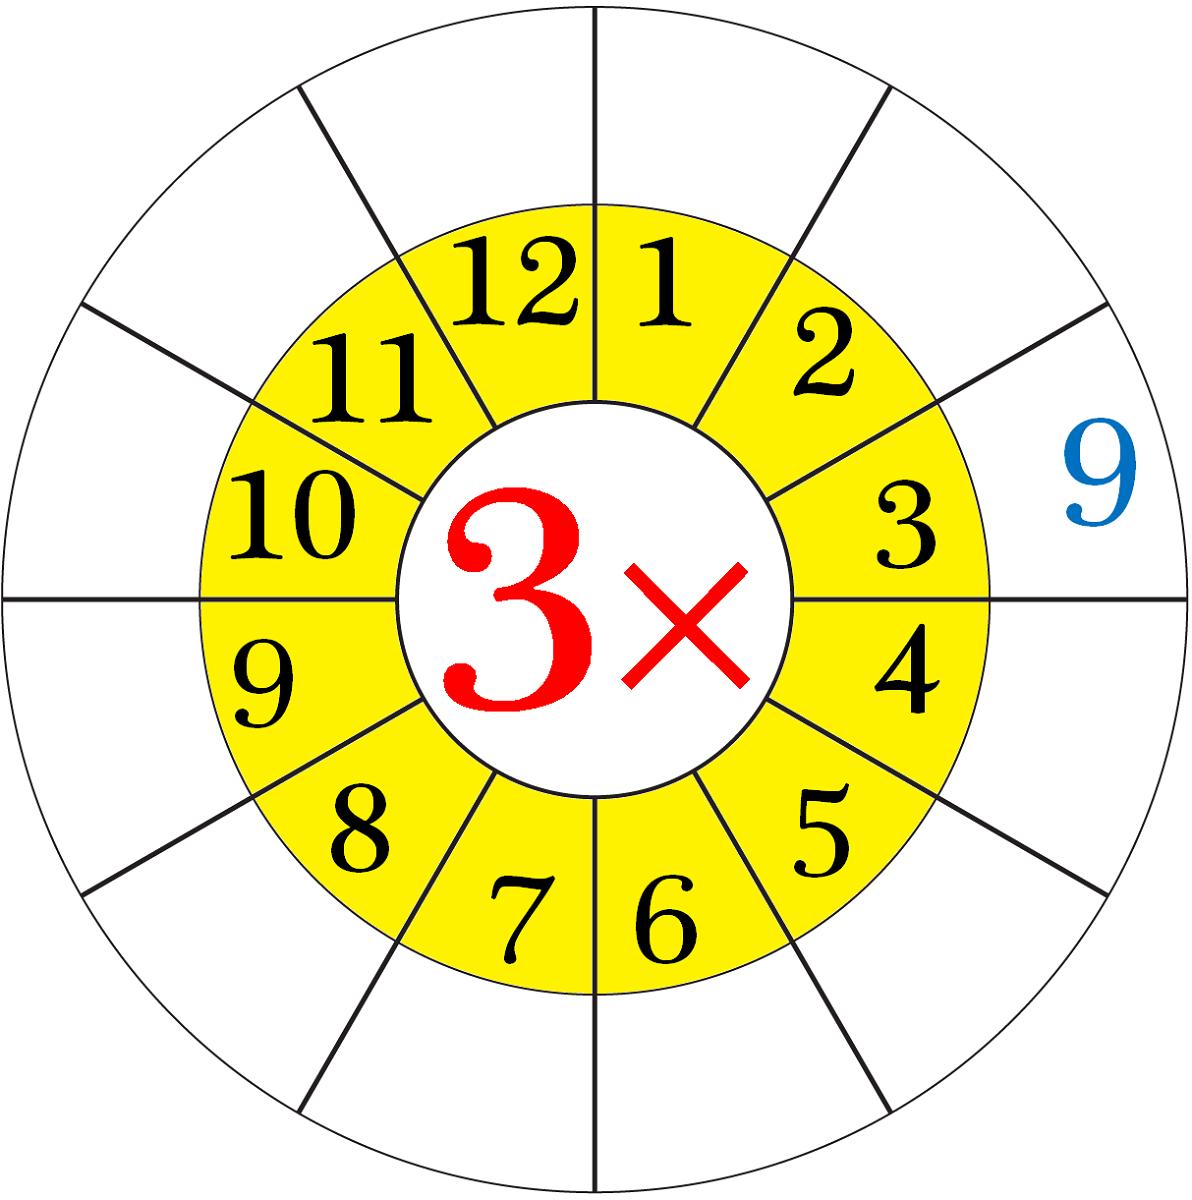 Worksheet 10001294 Multiplication Worksheets 3 Times Tables – 3 Multiplication Worksheet